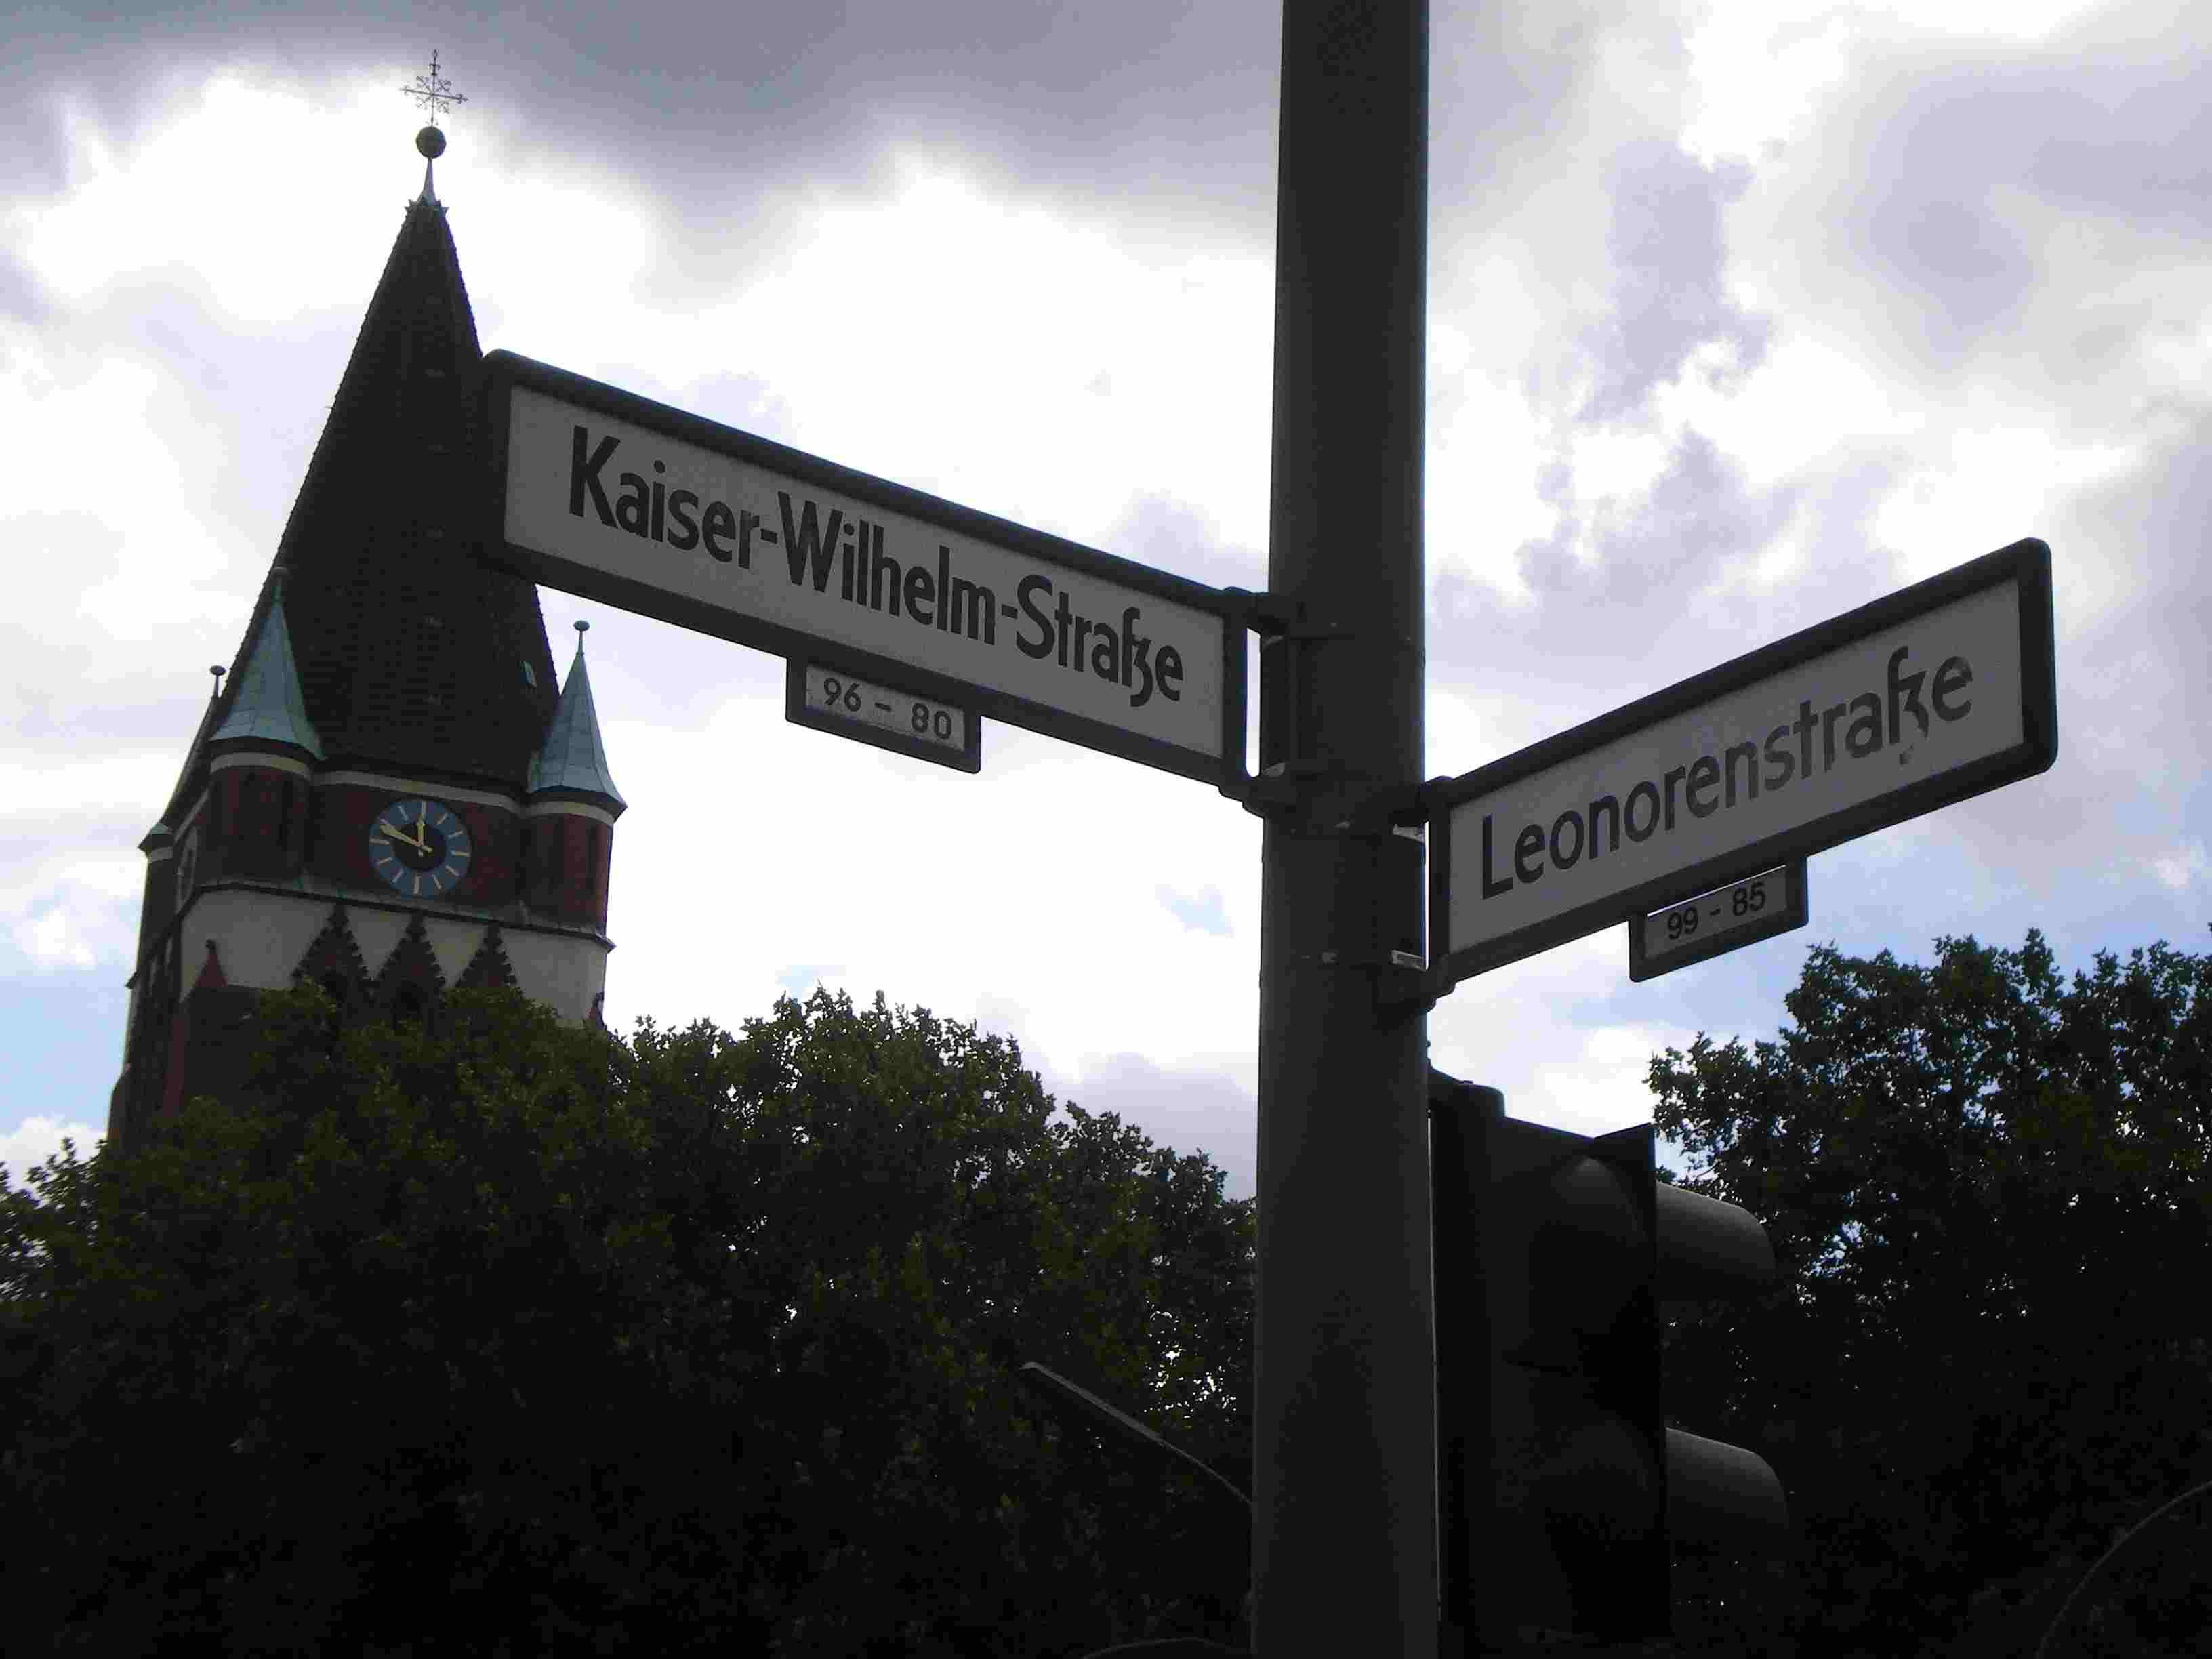 StraßenABC: L wie Leonorenstraße